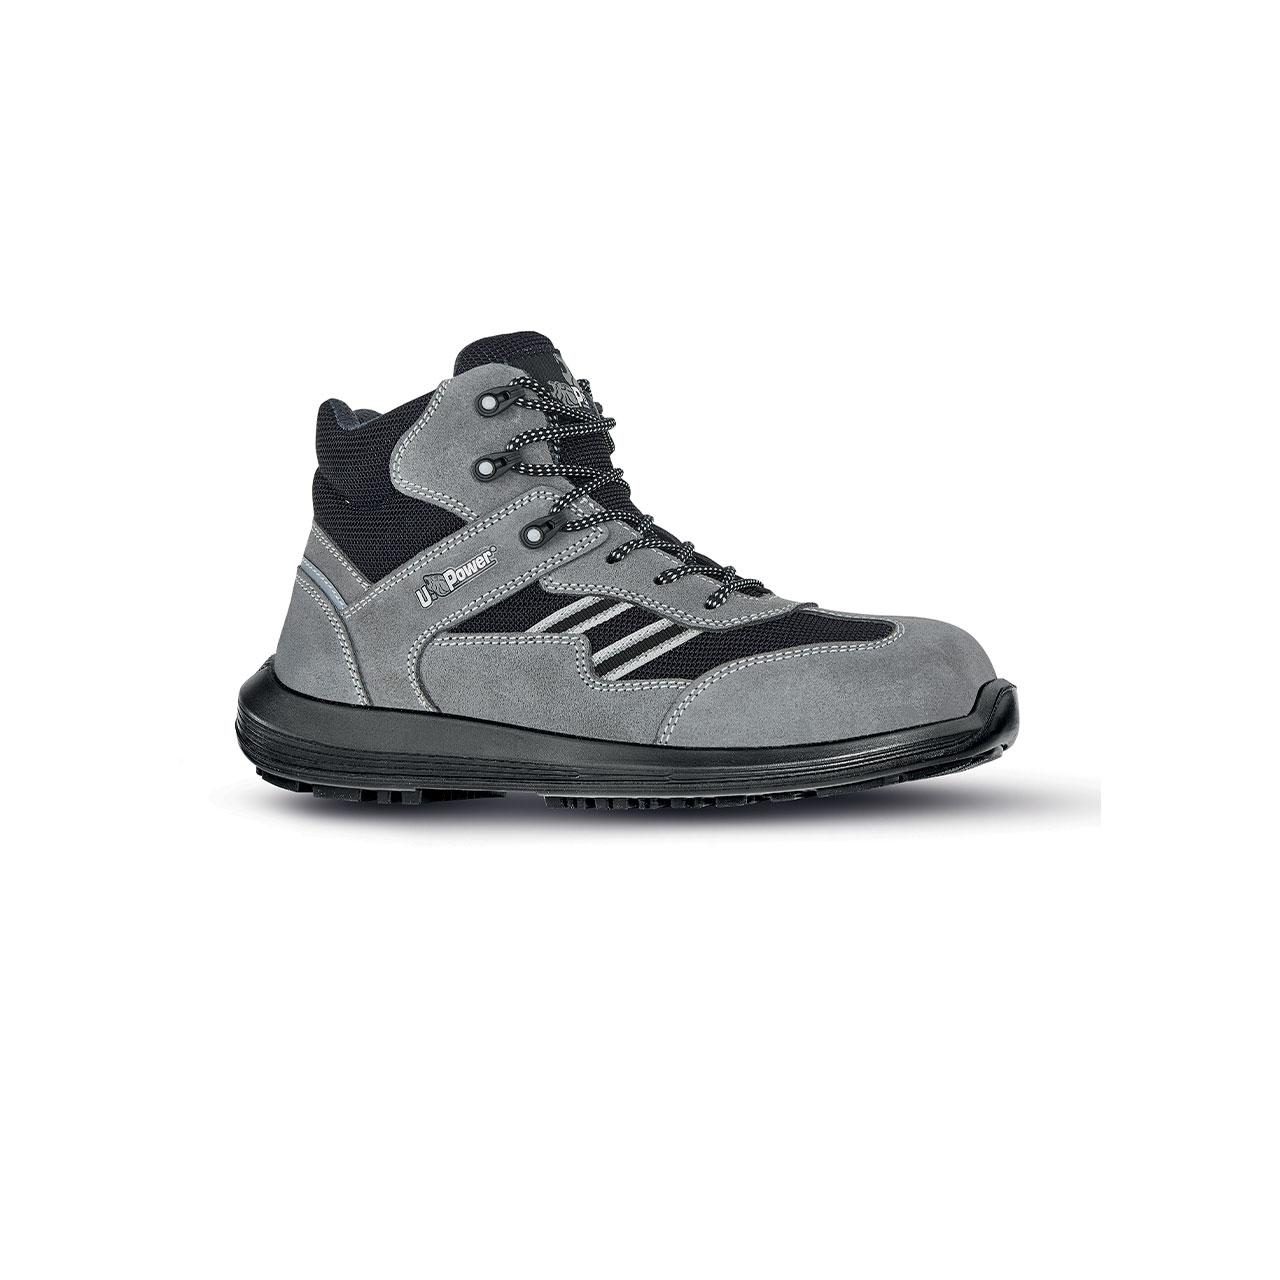 scarpa antinfortunistica upower modello florida linea rock_roll vista laterale